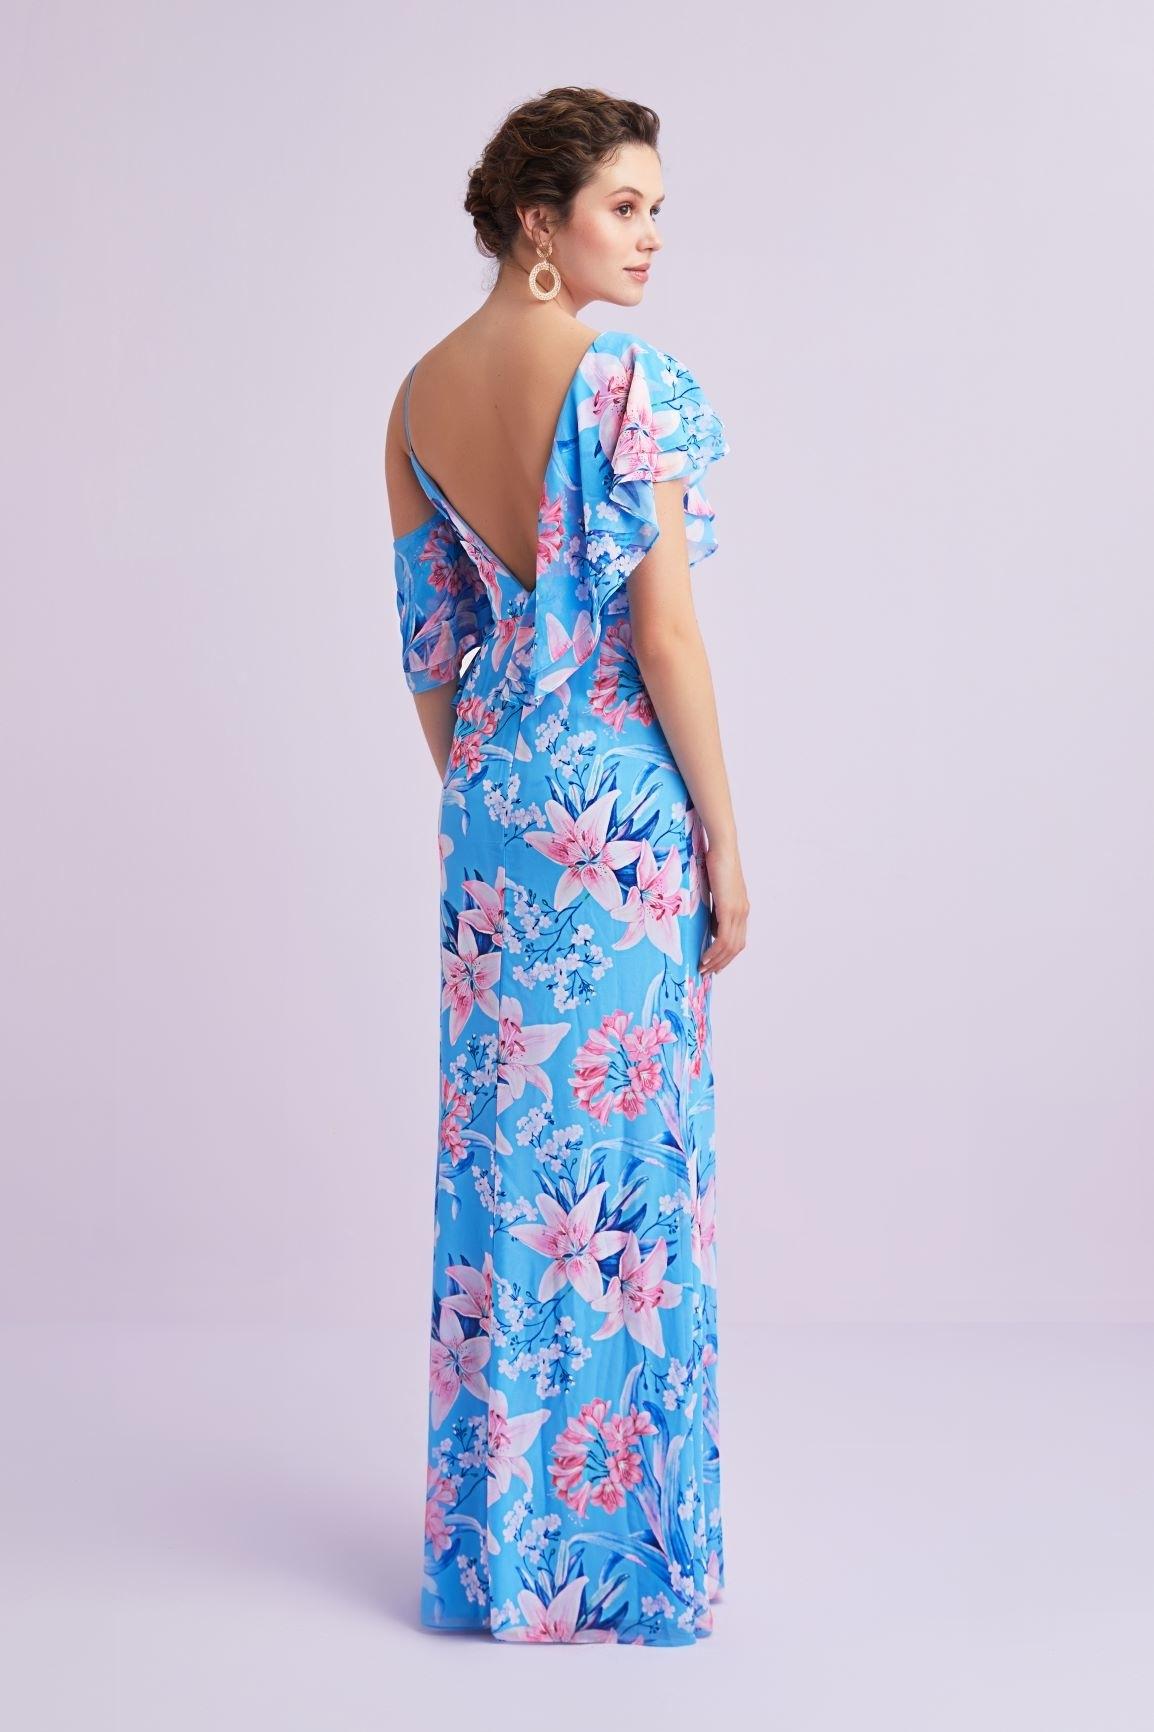 Mavi V Yaka Çiçekli Farbalalı Şifon Uzun Elbise - Thumbnail